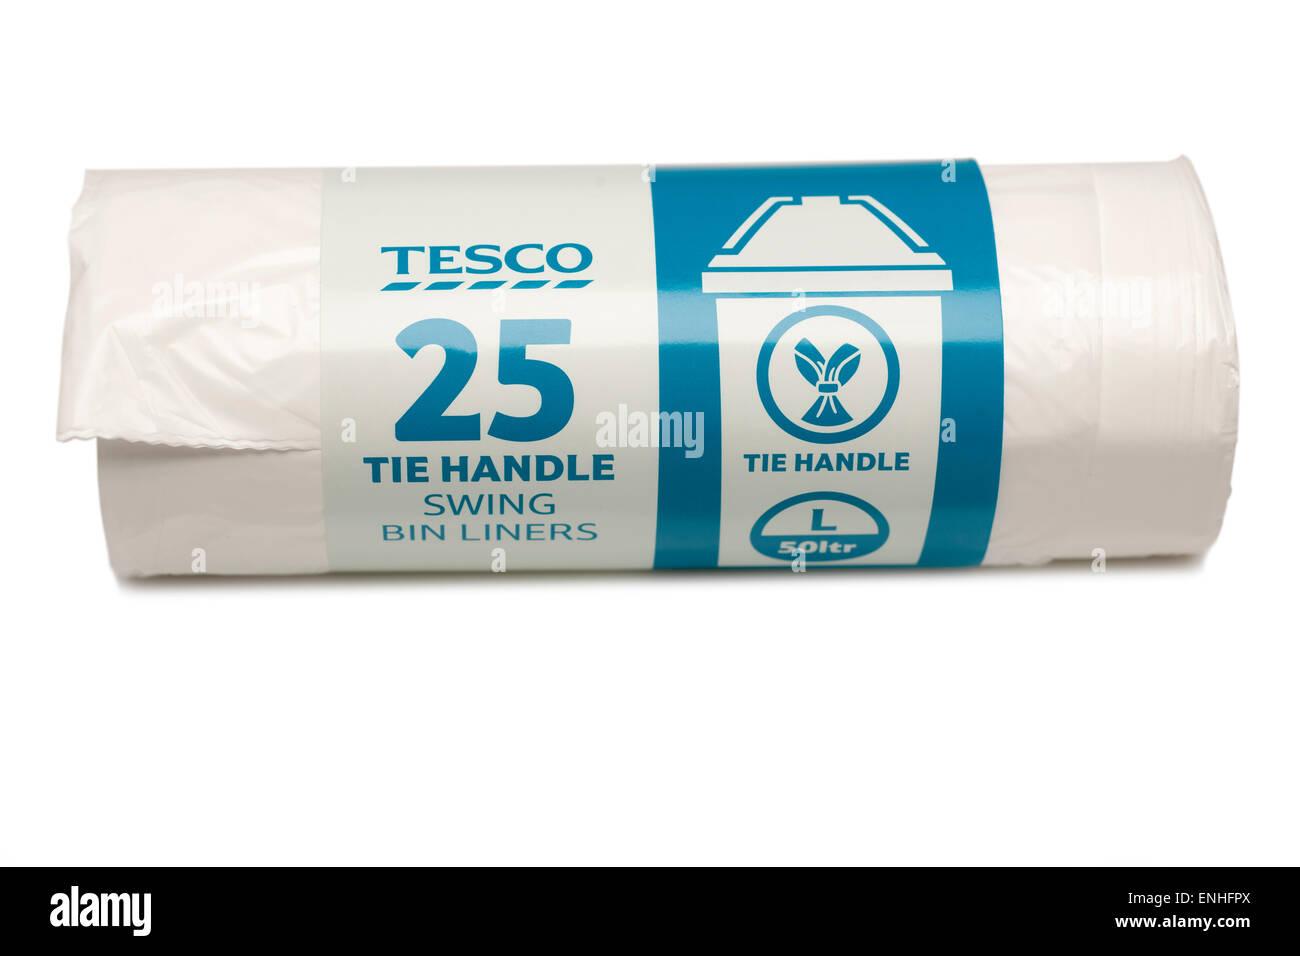 25 Tesco tie handle swing bin liners - Stock Image